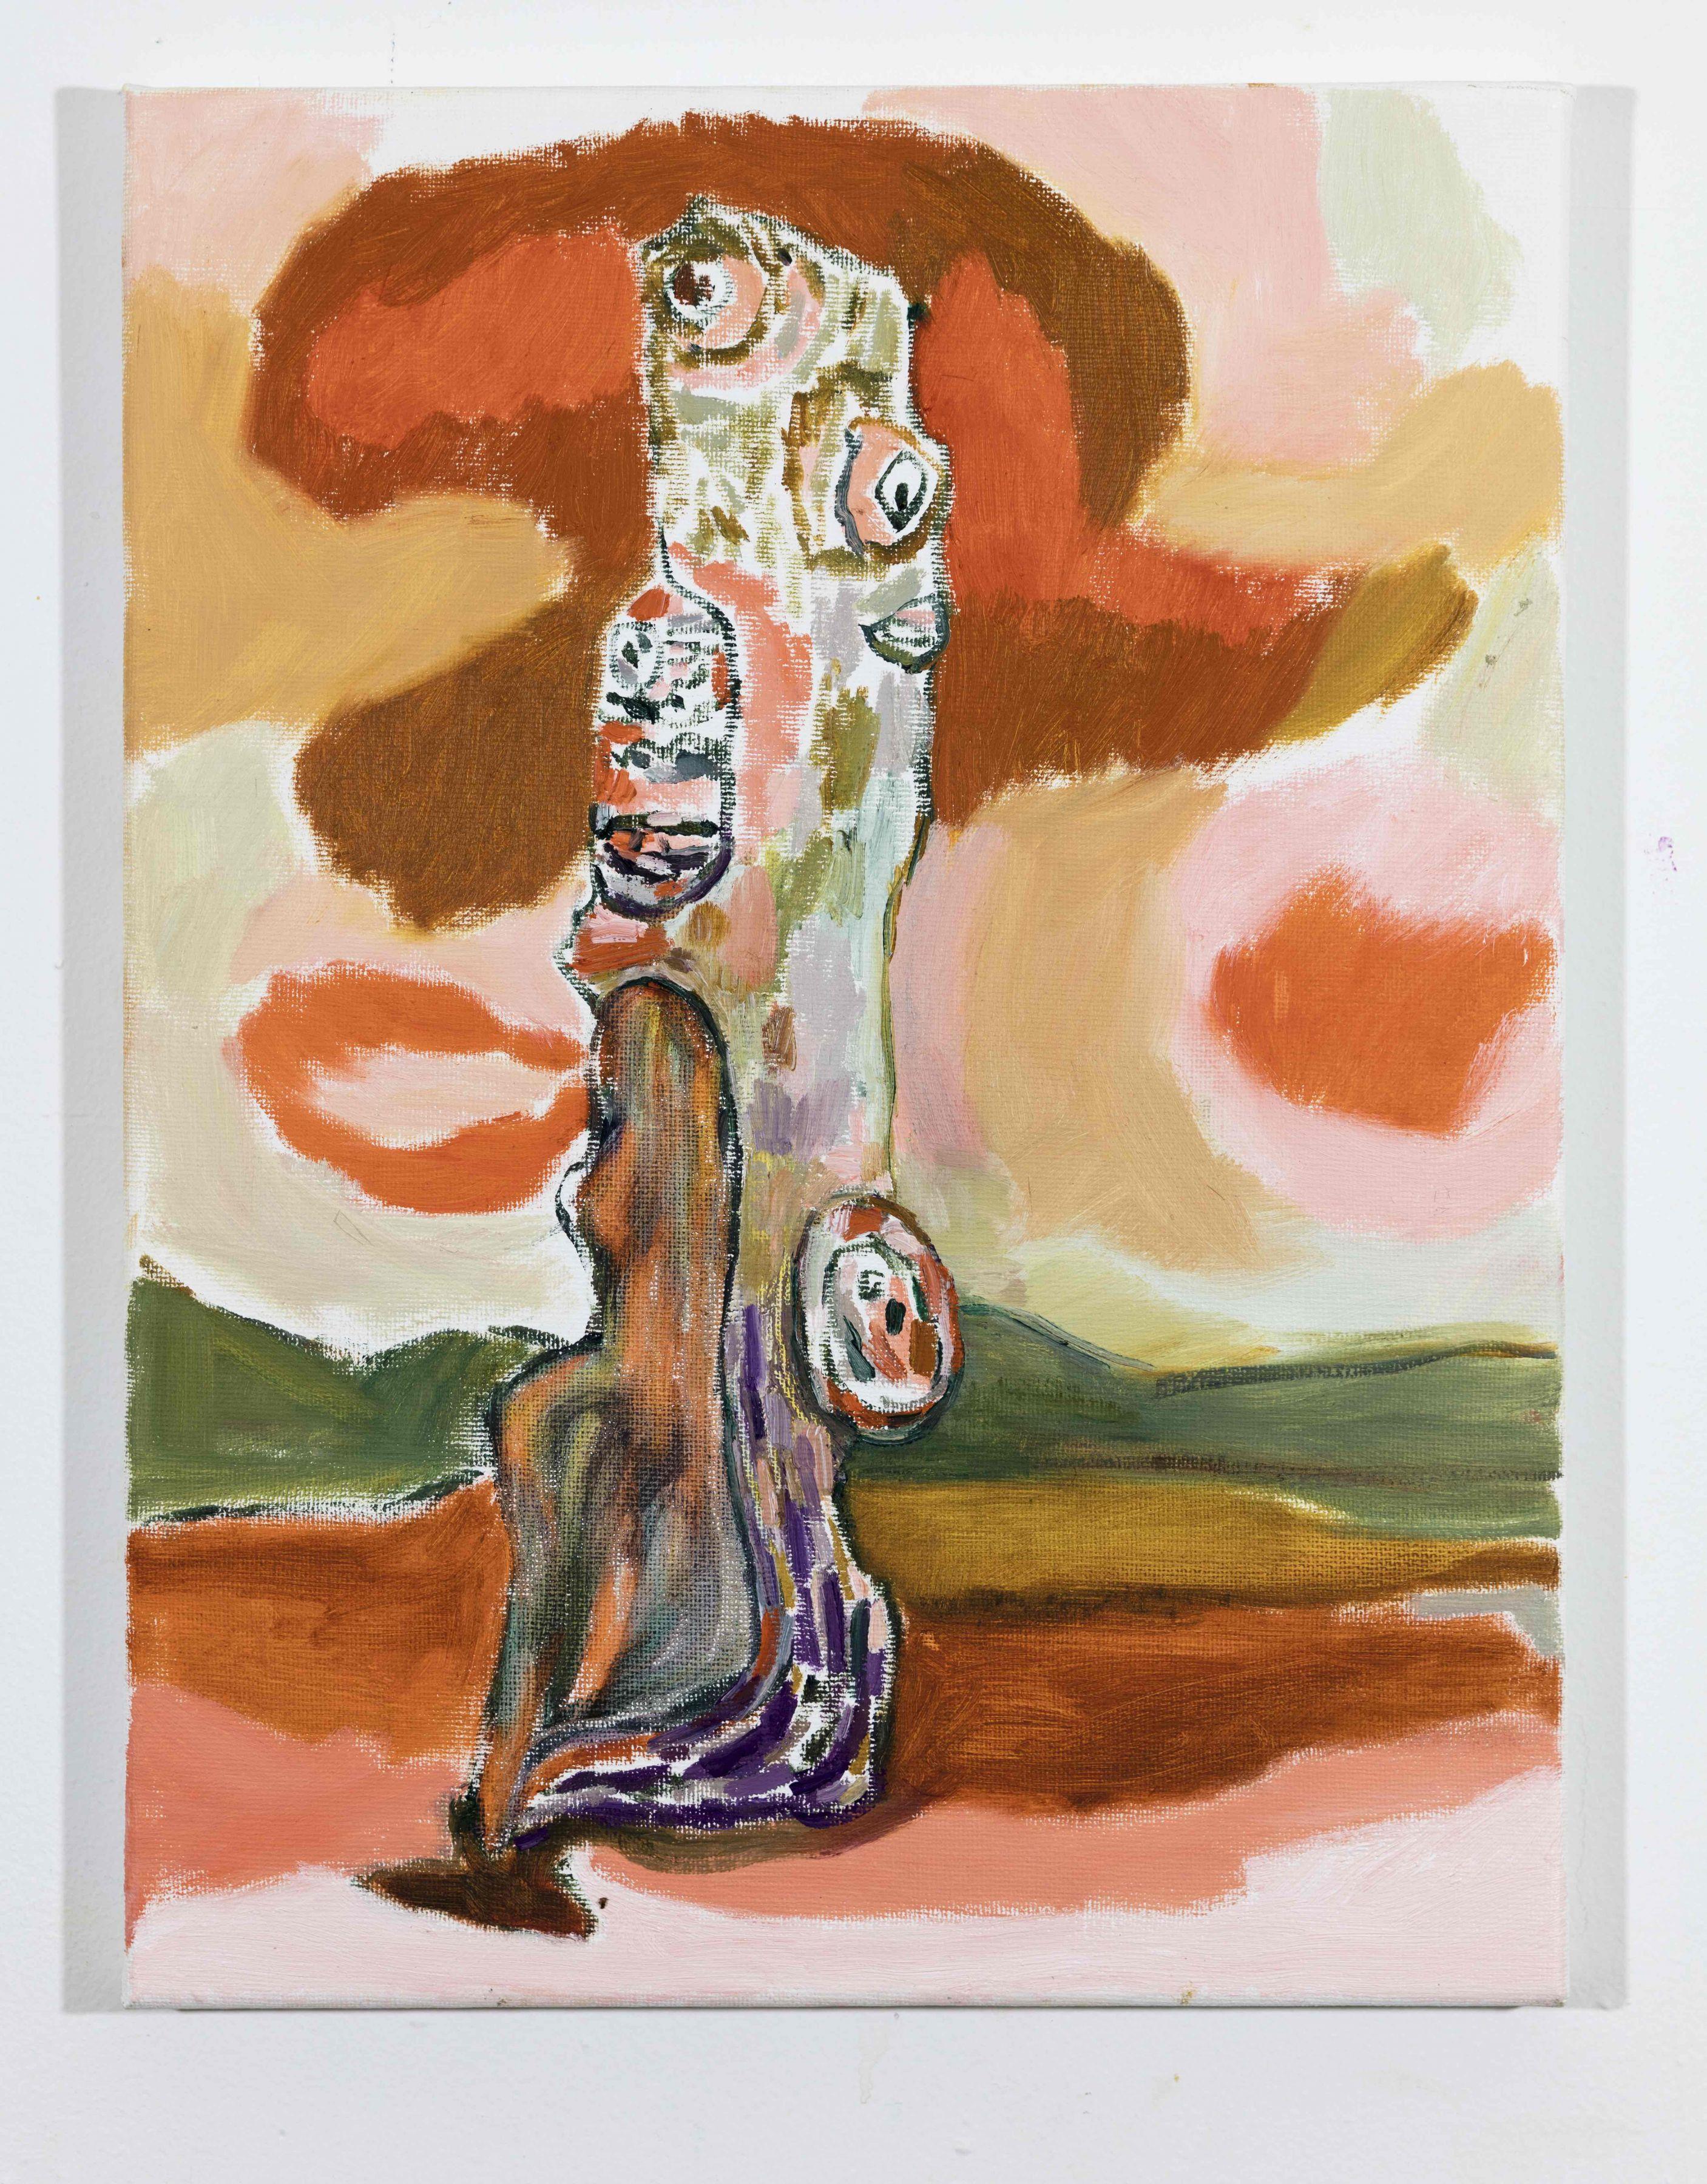 LISA SANDITZ, Landscape Color Study 12, 2019